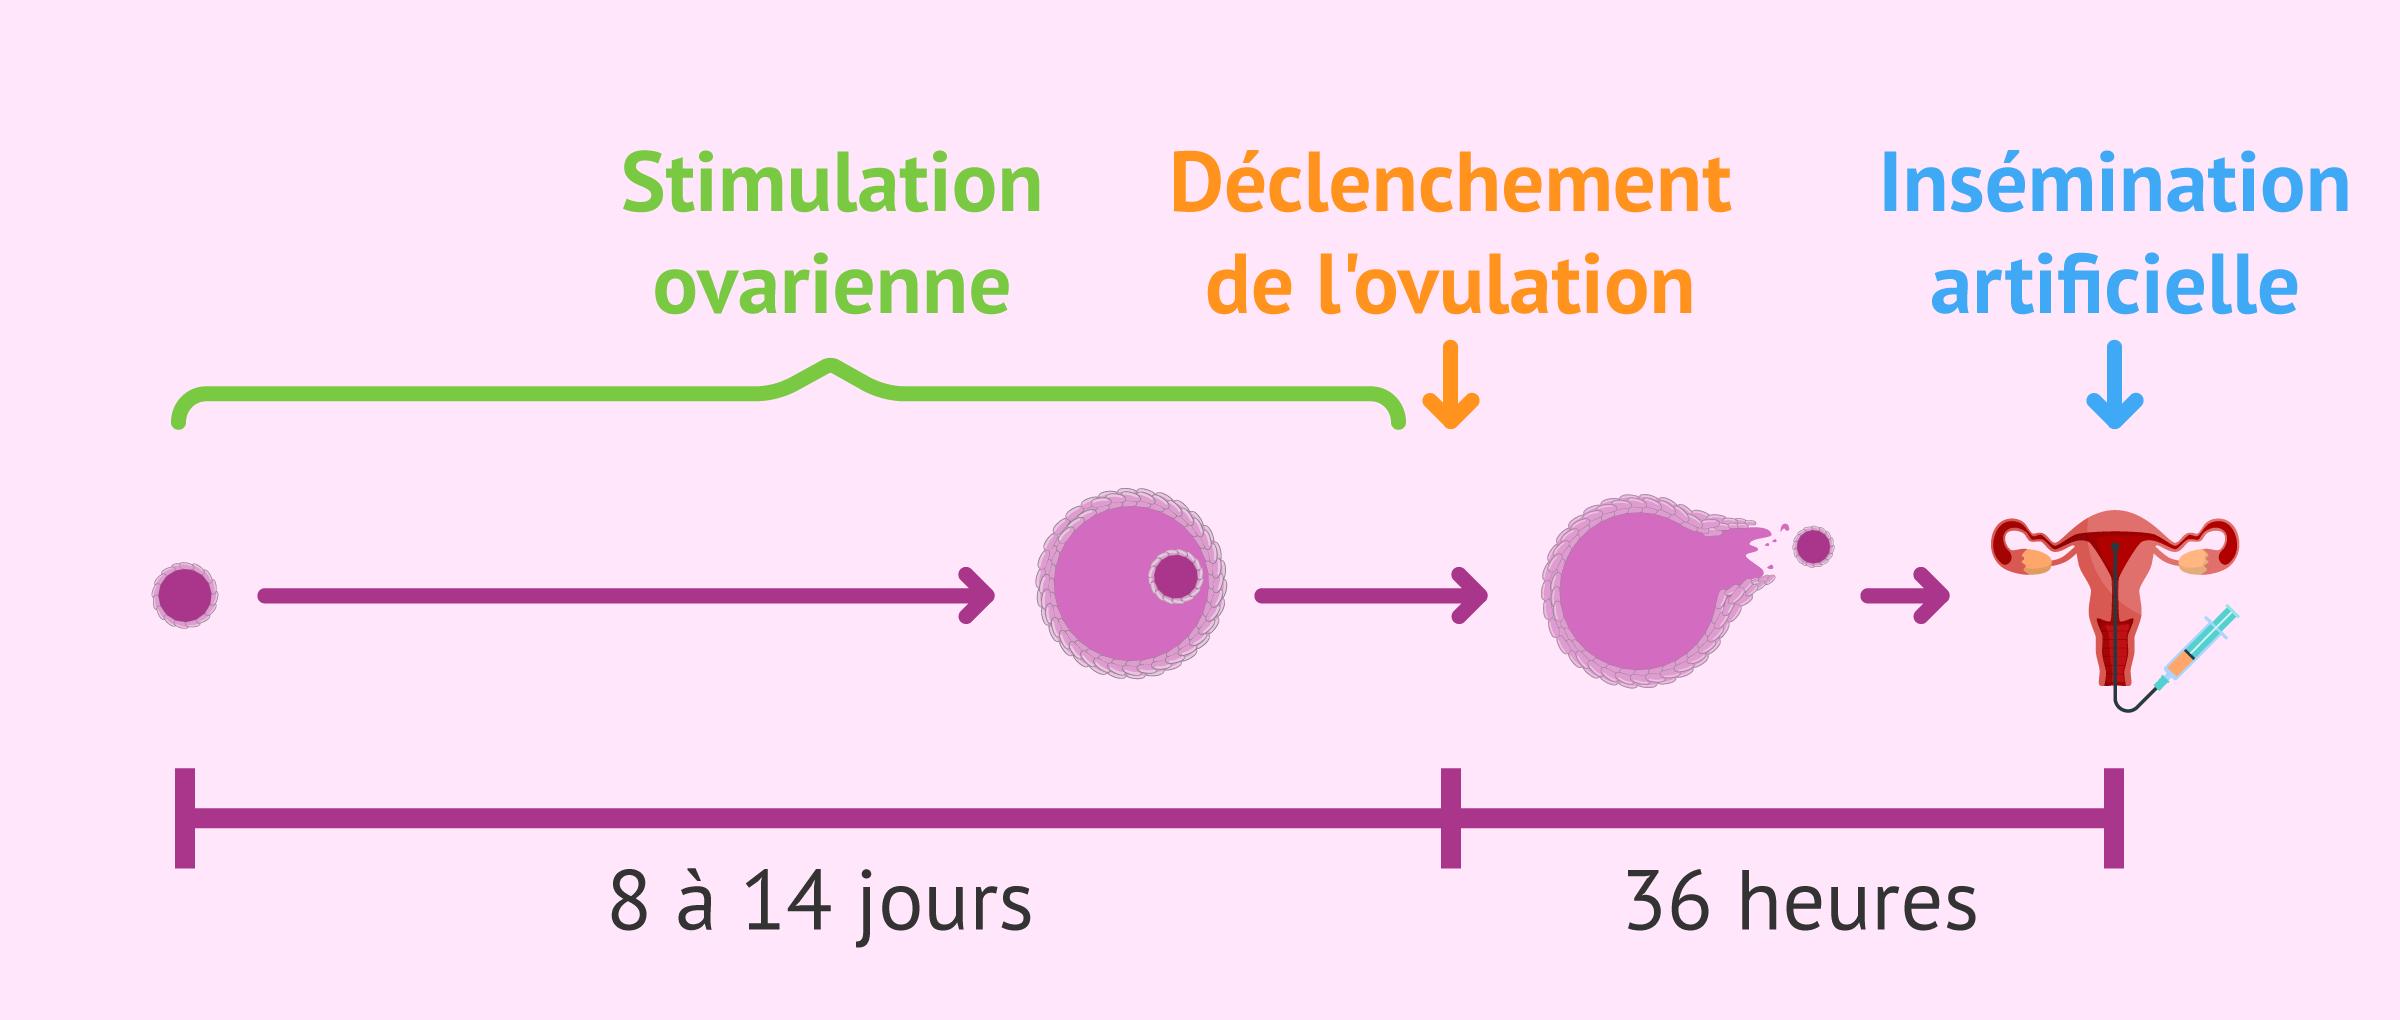 La stimulation ovarienne contrôlée dans le cadre d'une insémination artificielle